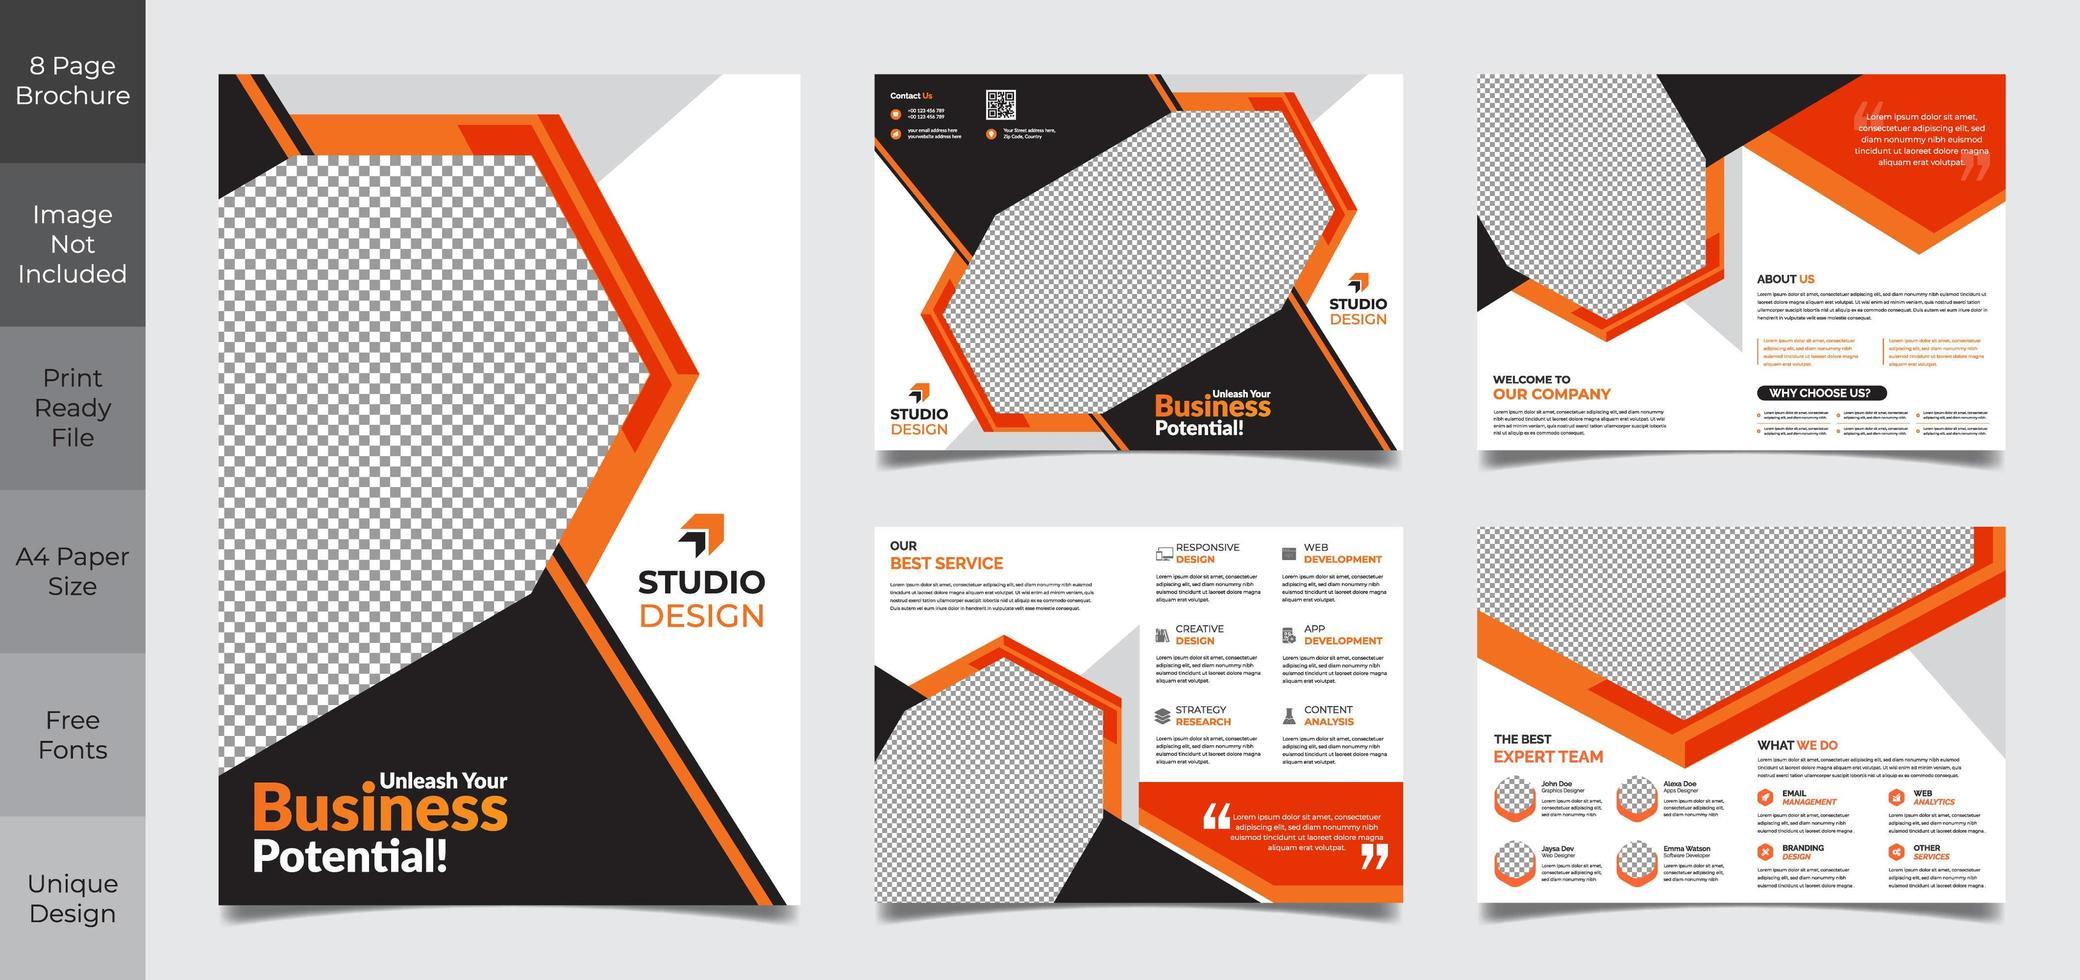 Modelo de brochura - 8 páginas preto e laranja negócios corporativos vetor